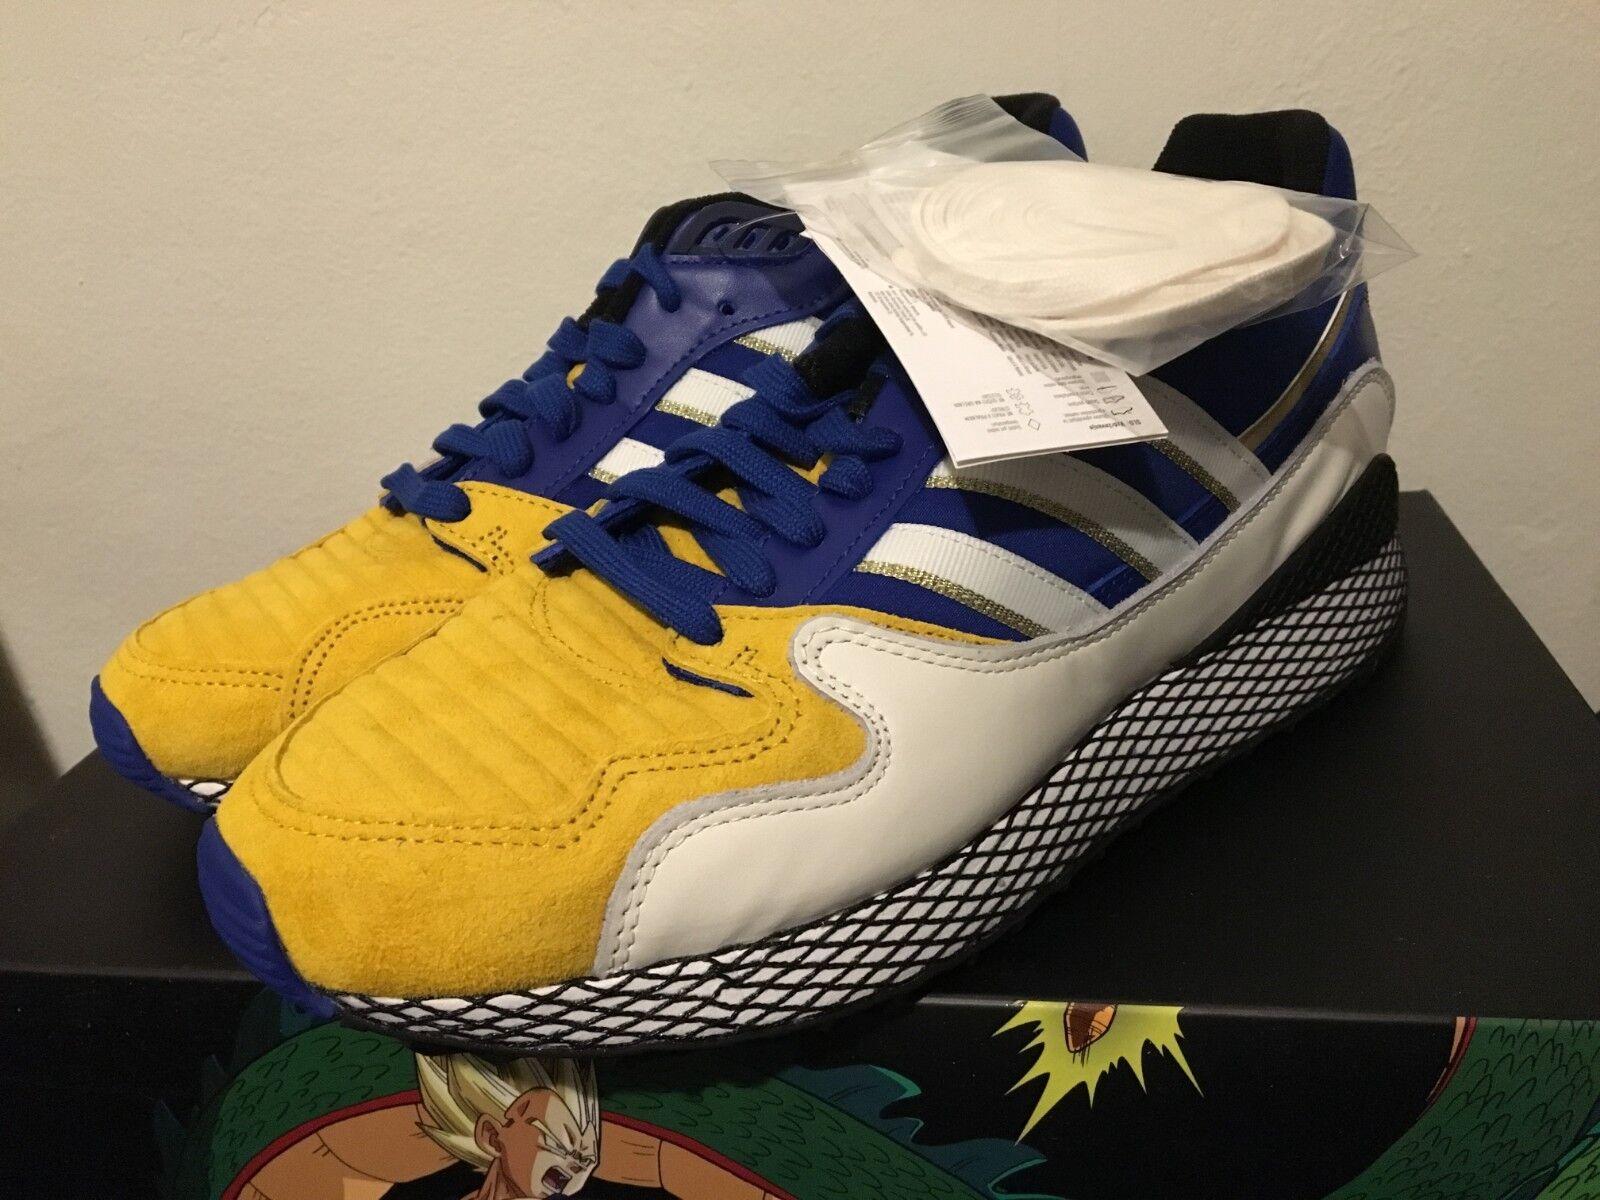 Adidas Dragon Ball Z 10.5 ULTRA TECH VEGETA blueE DBZ D97054 SON GOHAN GOKU gold